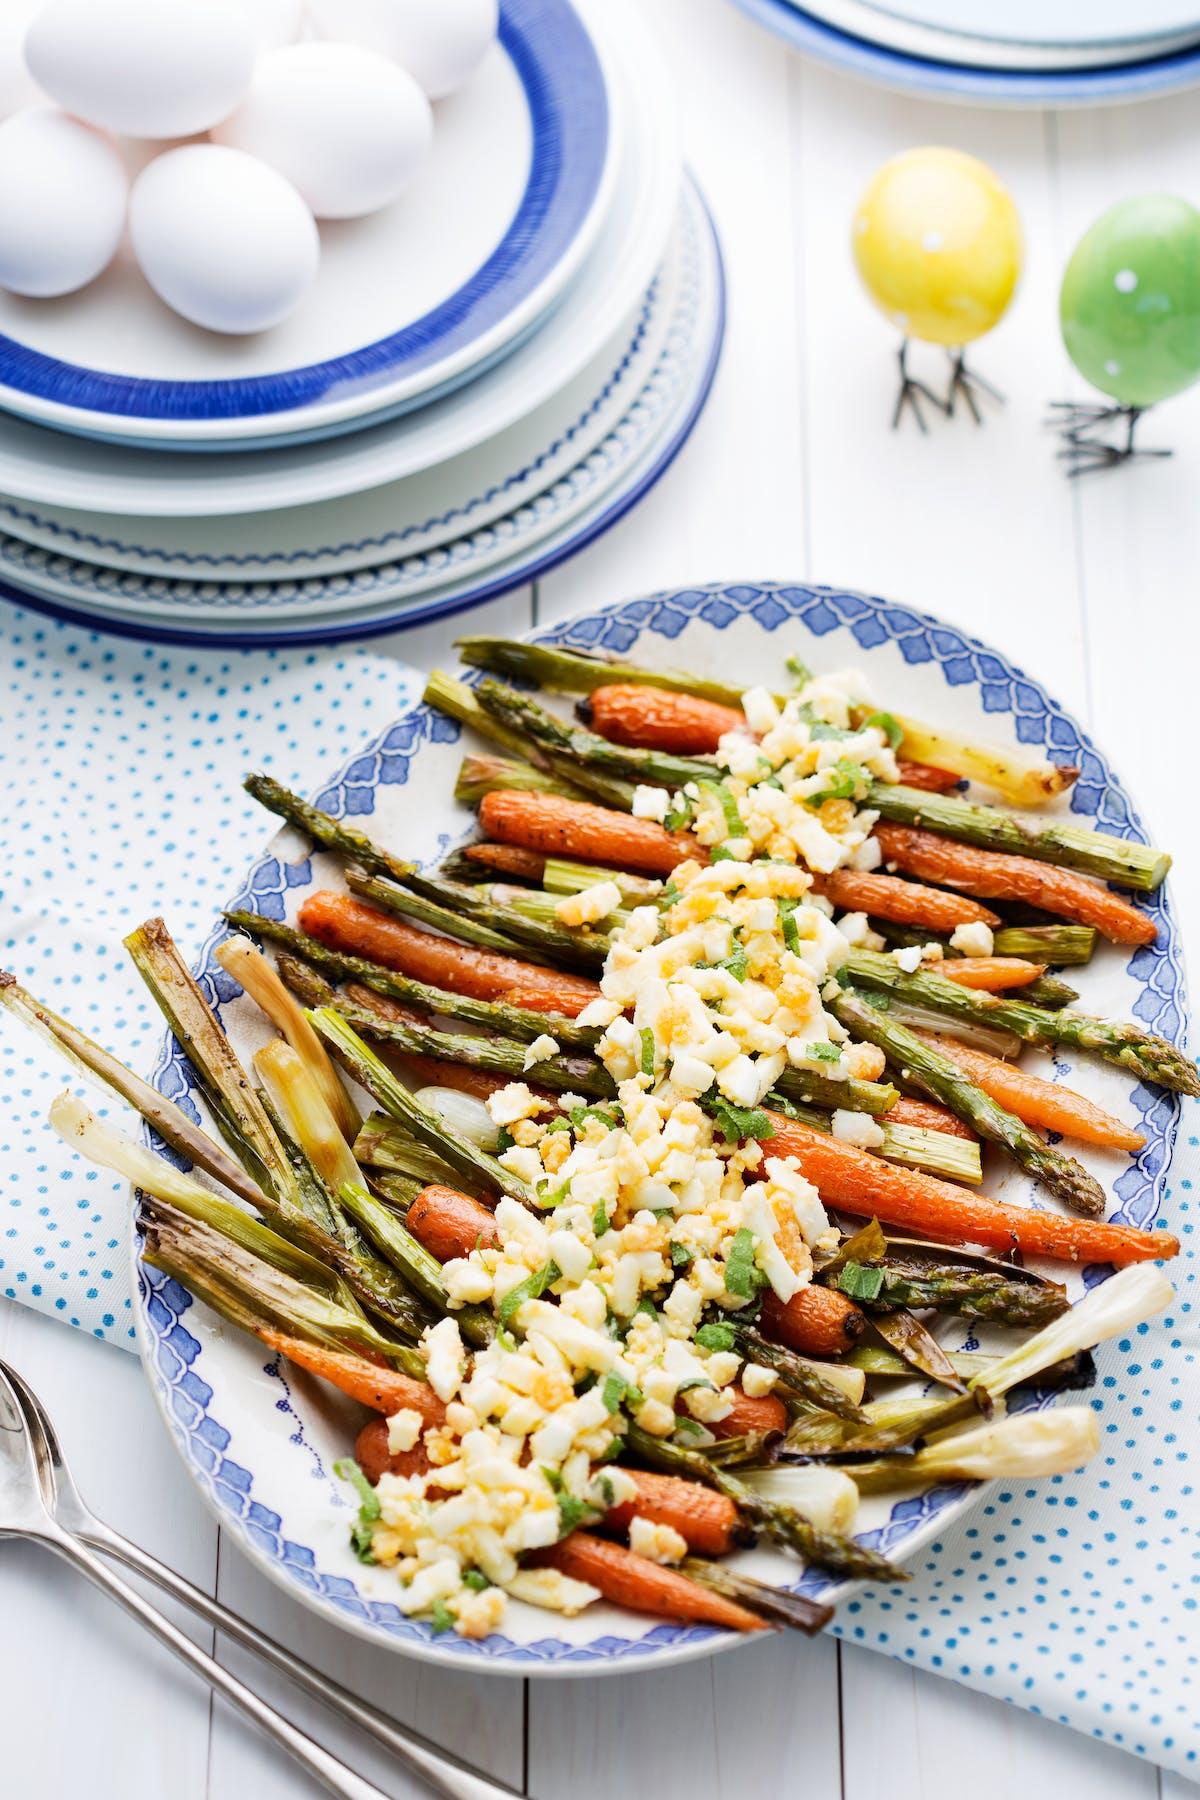 Verduras de primavera asadas con huevos y mantequilla